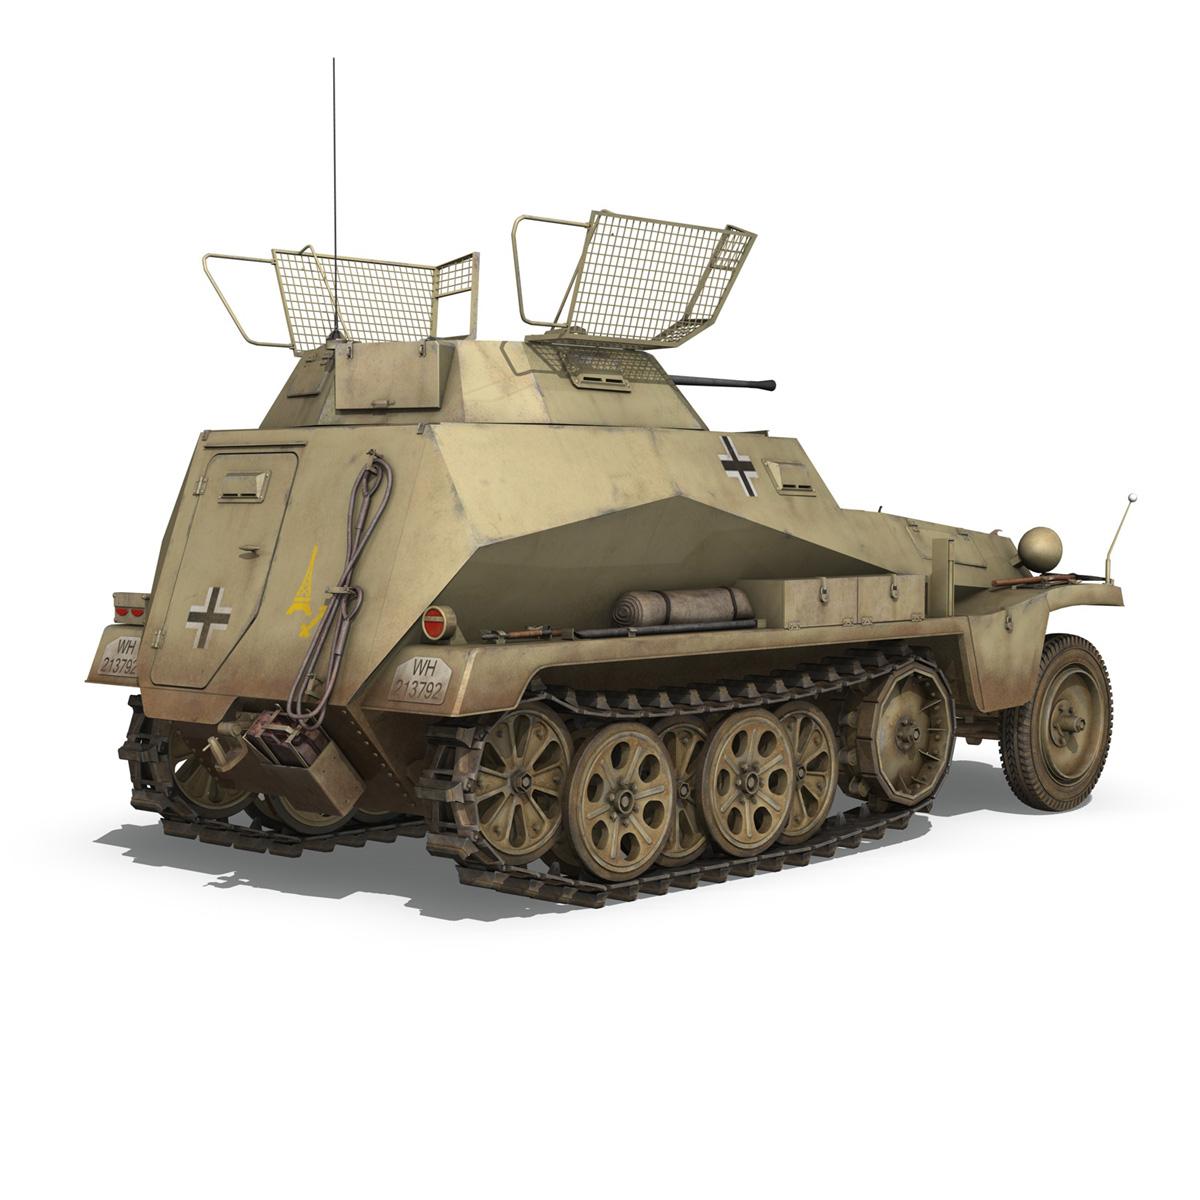 SD.KFZ 250 - Reconnaissance Halftruck - 23 PzDiv 3d model 3ds fbx c4d lwo lws lw obj 273095